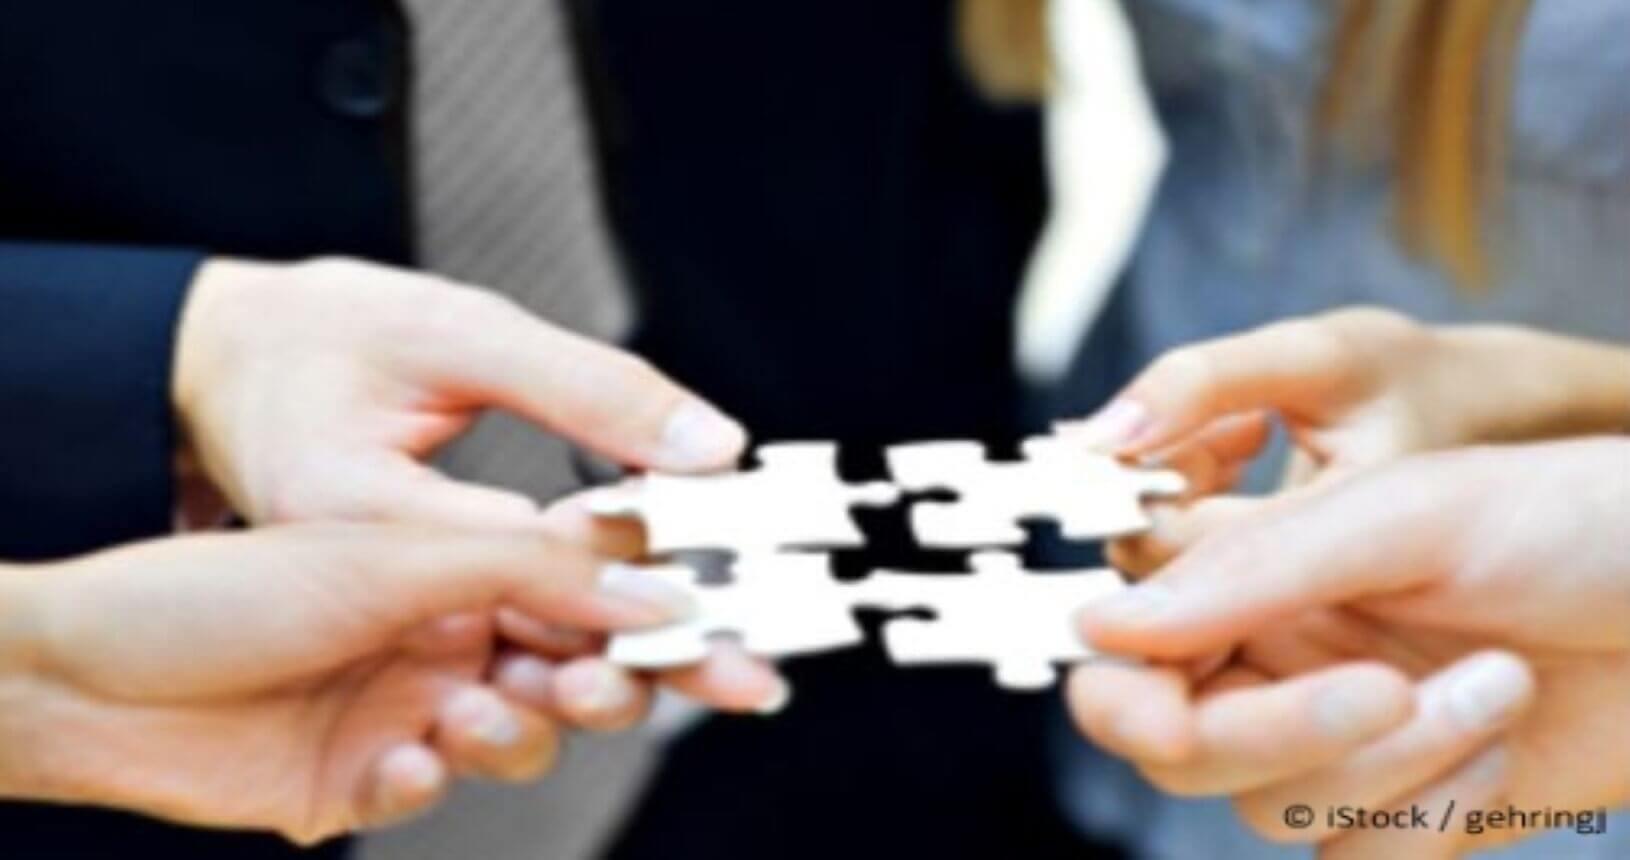 Professionelles Konfliktcoaching für Fach- und Führungskräfte in Ludwigsburg und Stuttgart - wir stärken Konfliktfähigkeit,